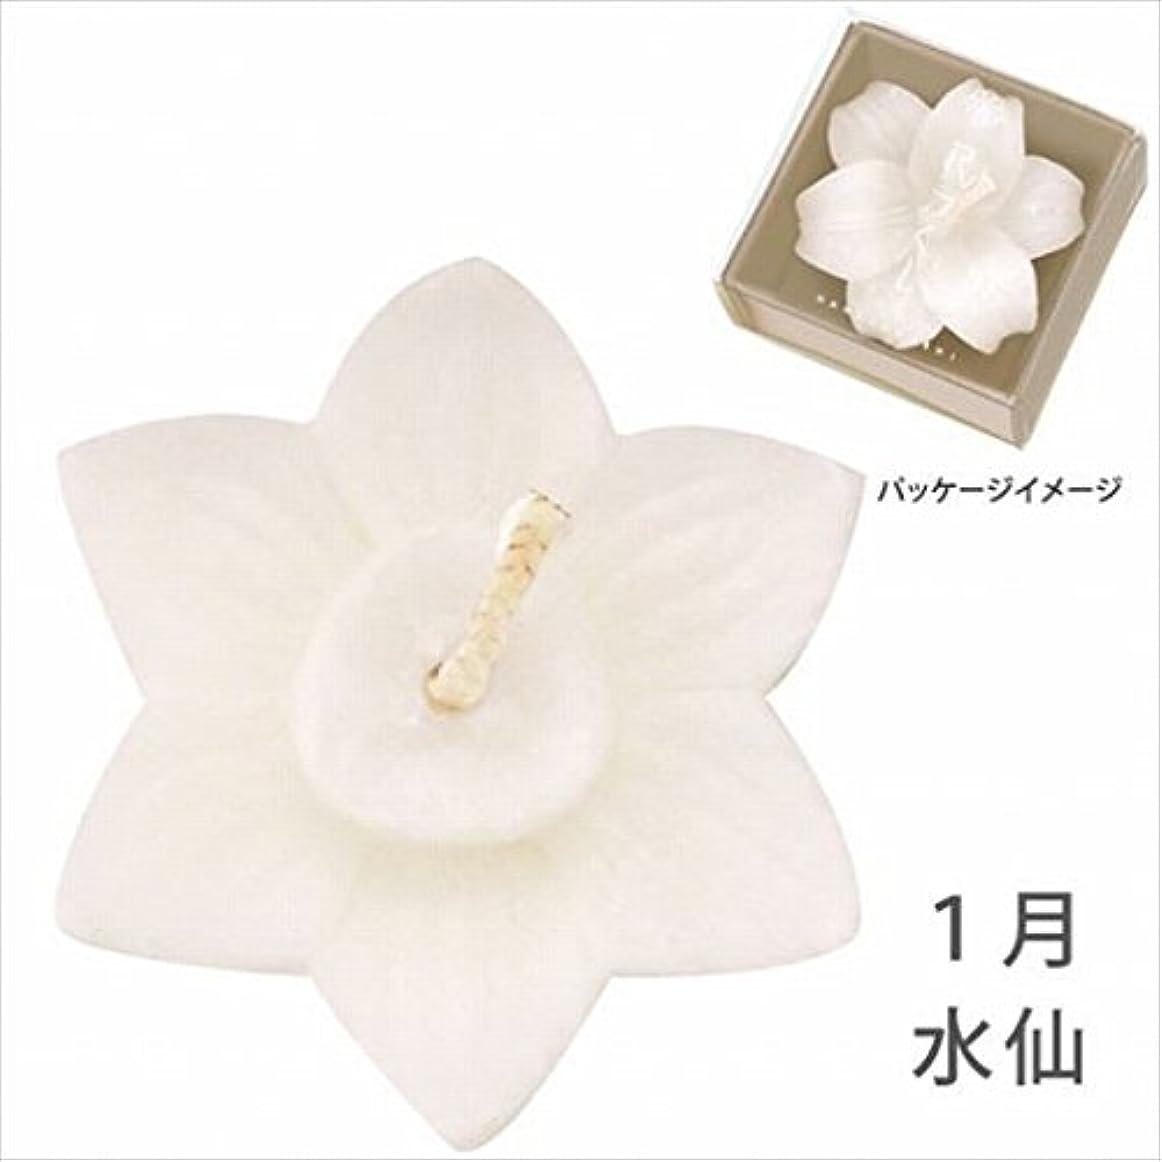 ラベルセブン虐待カメヤマキャンドル( kameyama candle ) 花づくし(植物性) 水仙 「 水仙(1月) 」 キャンドル